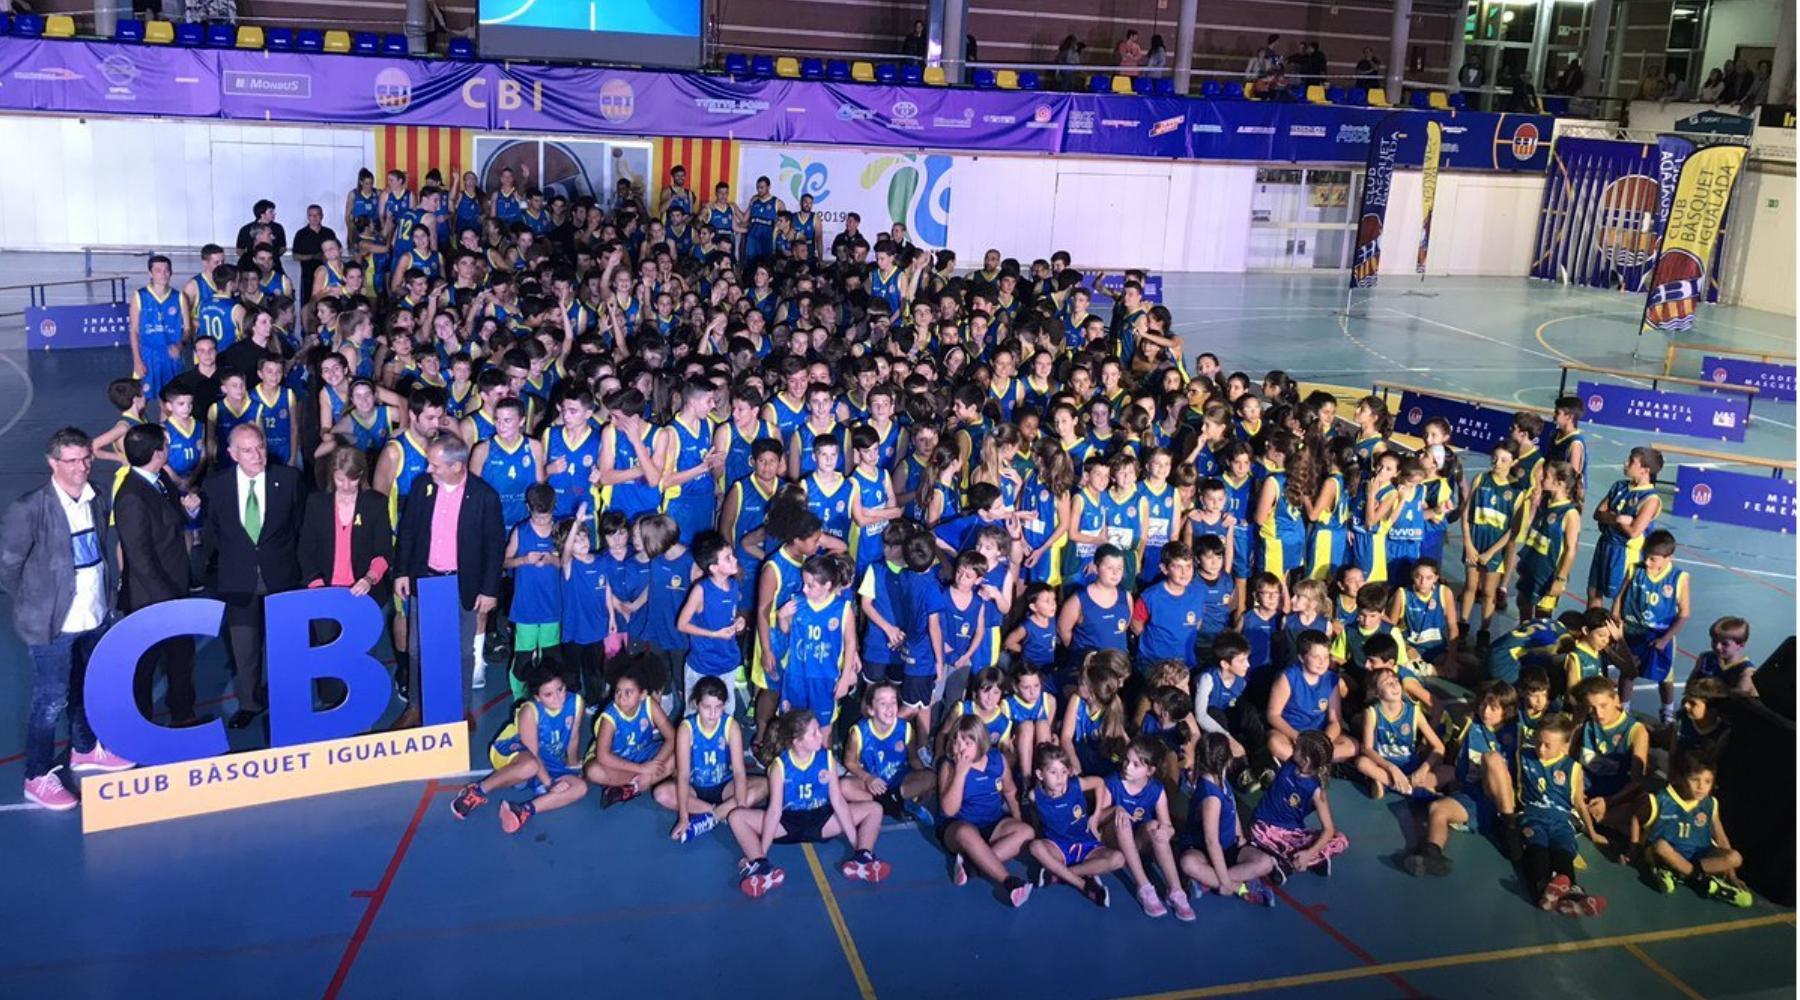 Presentació de la nova temporada del Club Bàsquet Igualada